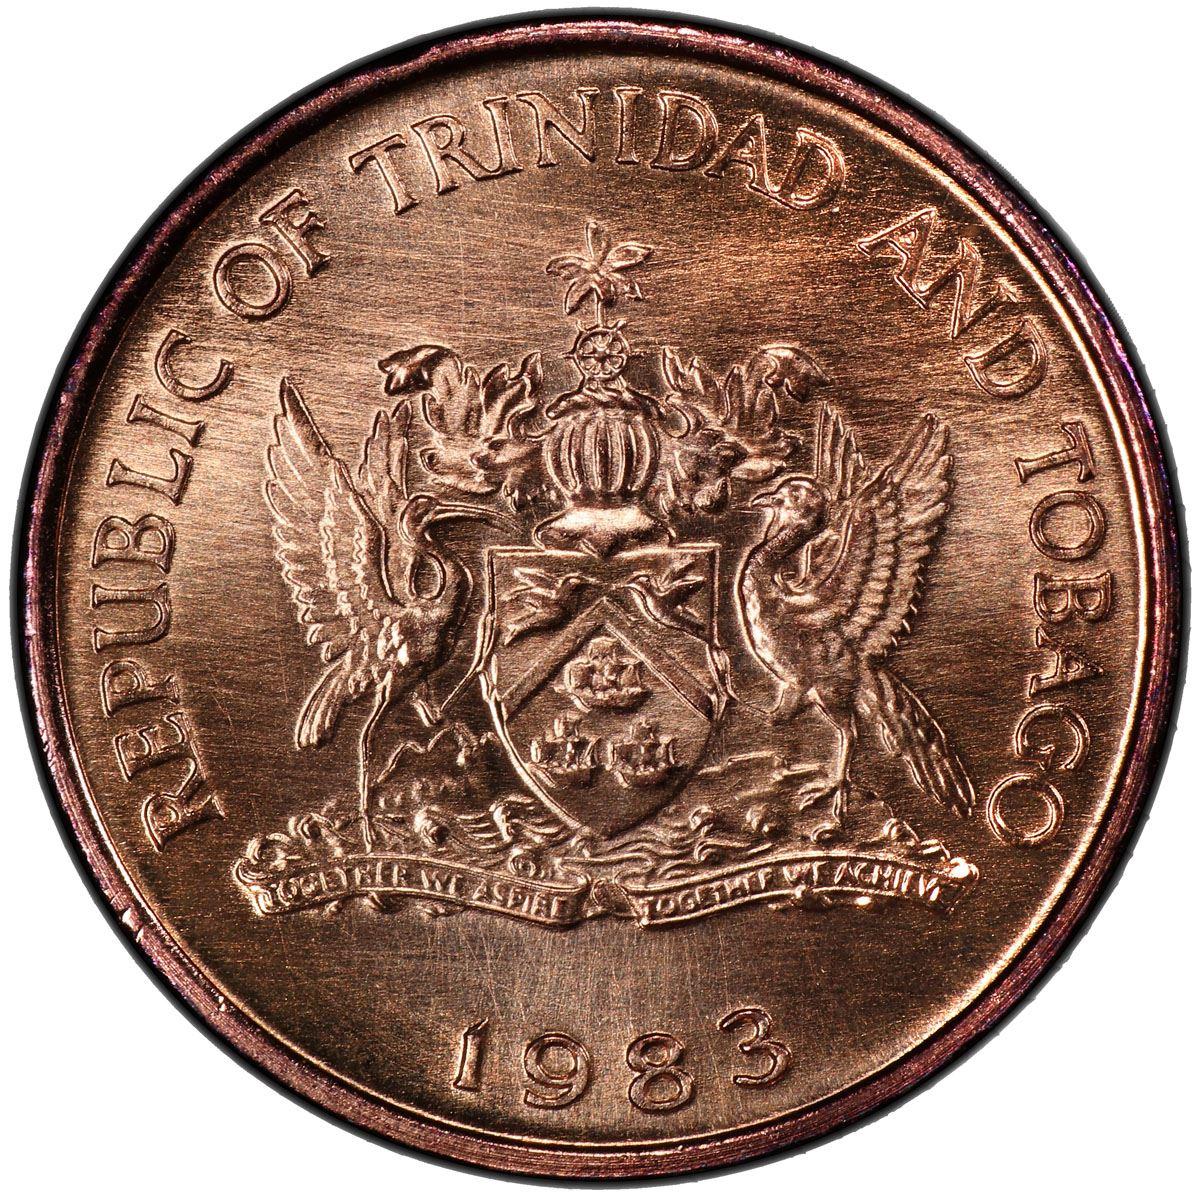 republic of trinidad and tobago coin